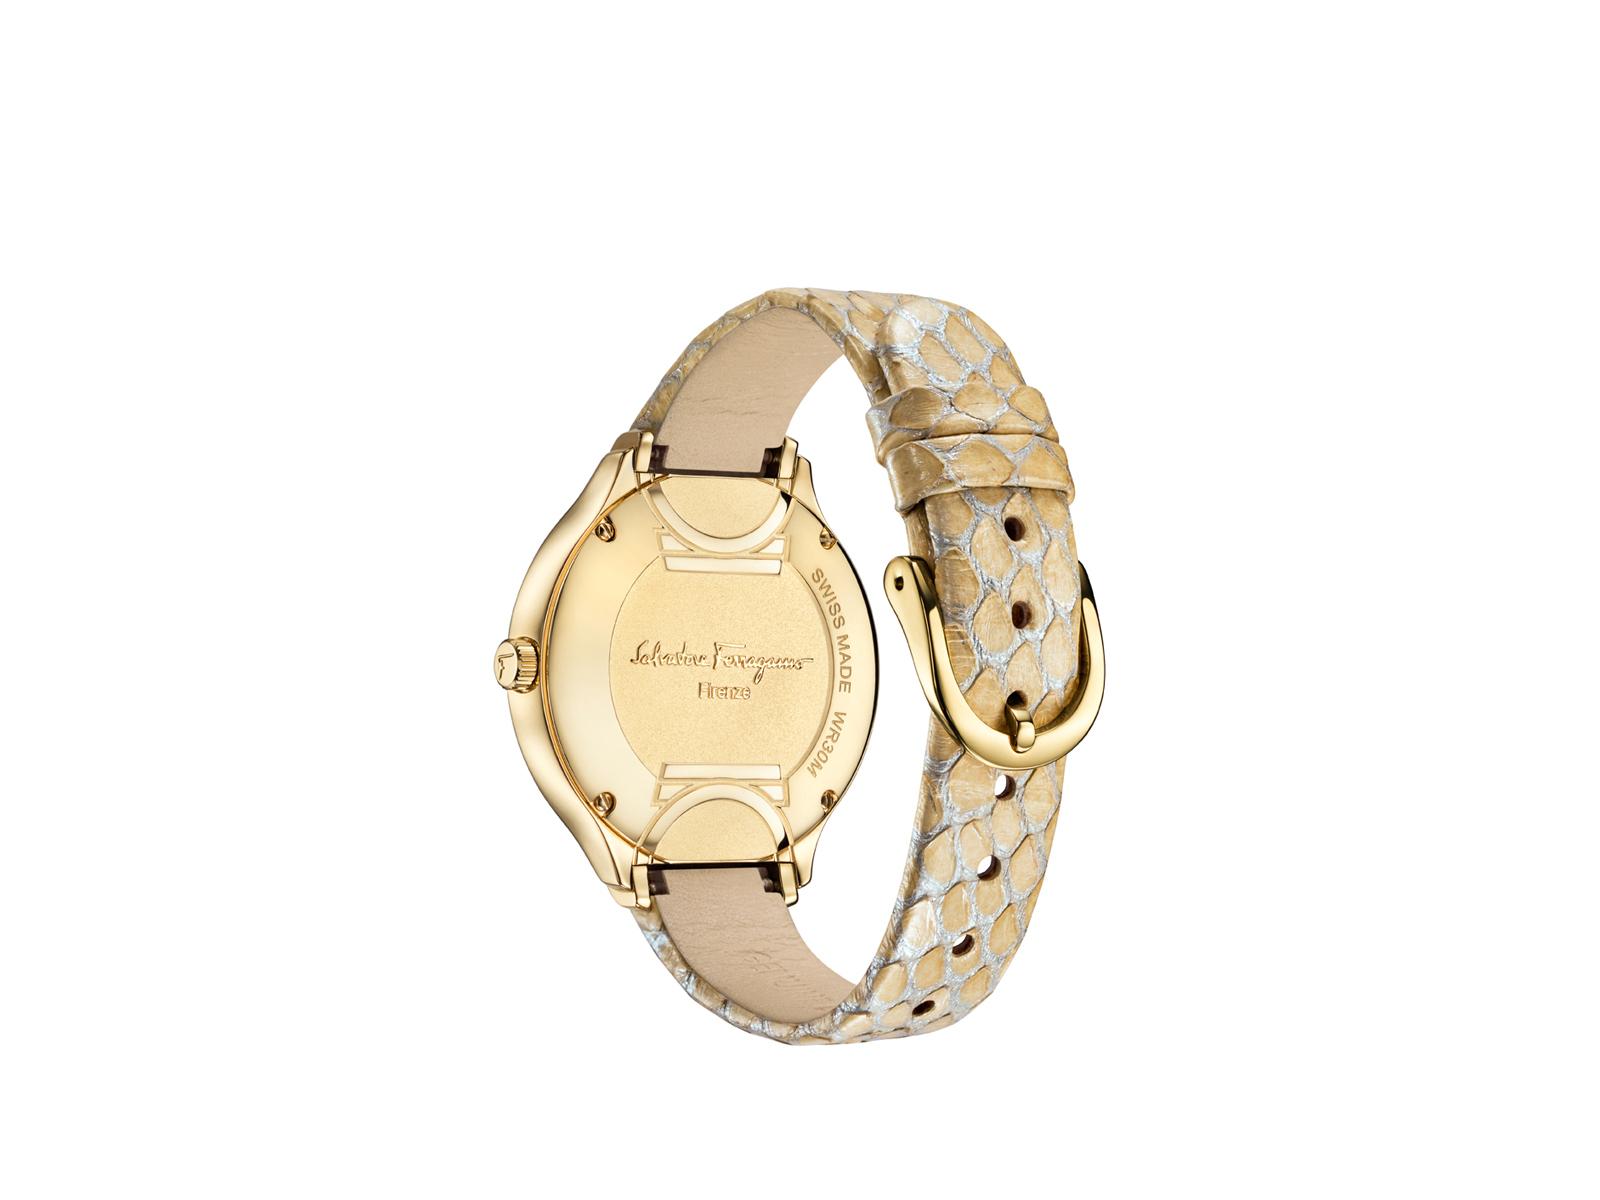 Luxusní zlaté hodinky Salvatore Ferragamo - Signature Collection